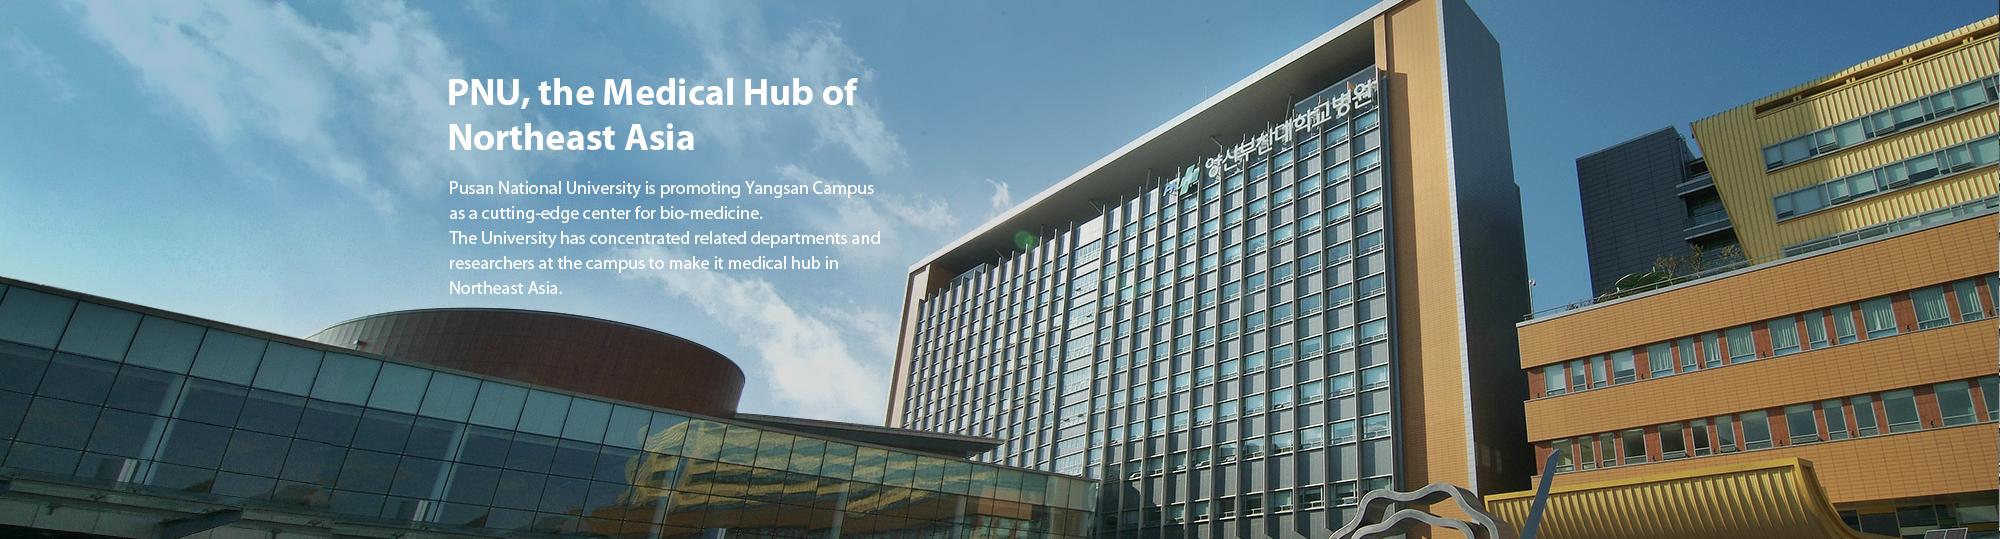 Trung tâm y học đông bắc Á đại học quốc gia Pusan